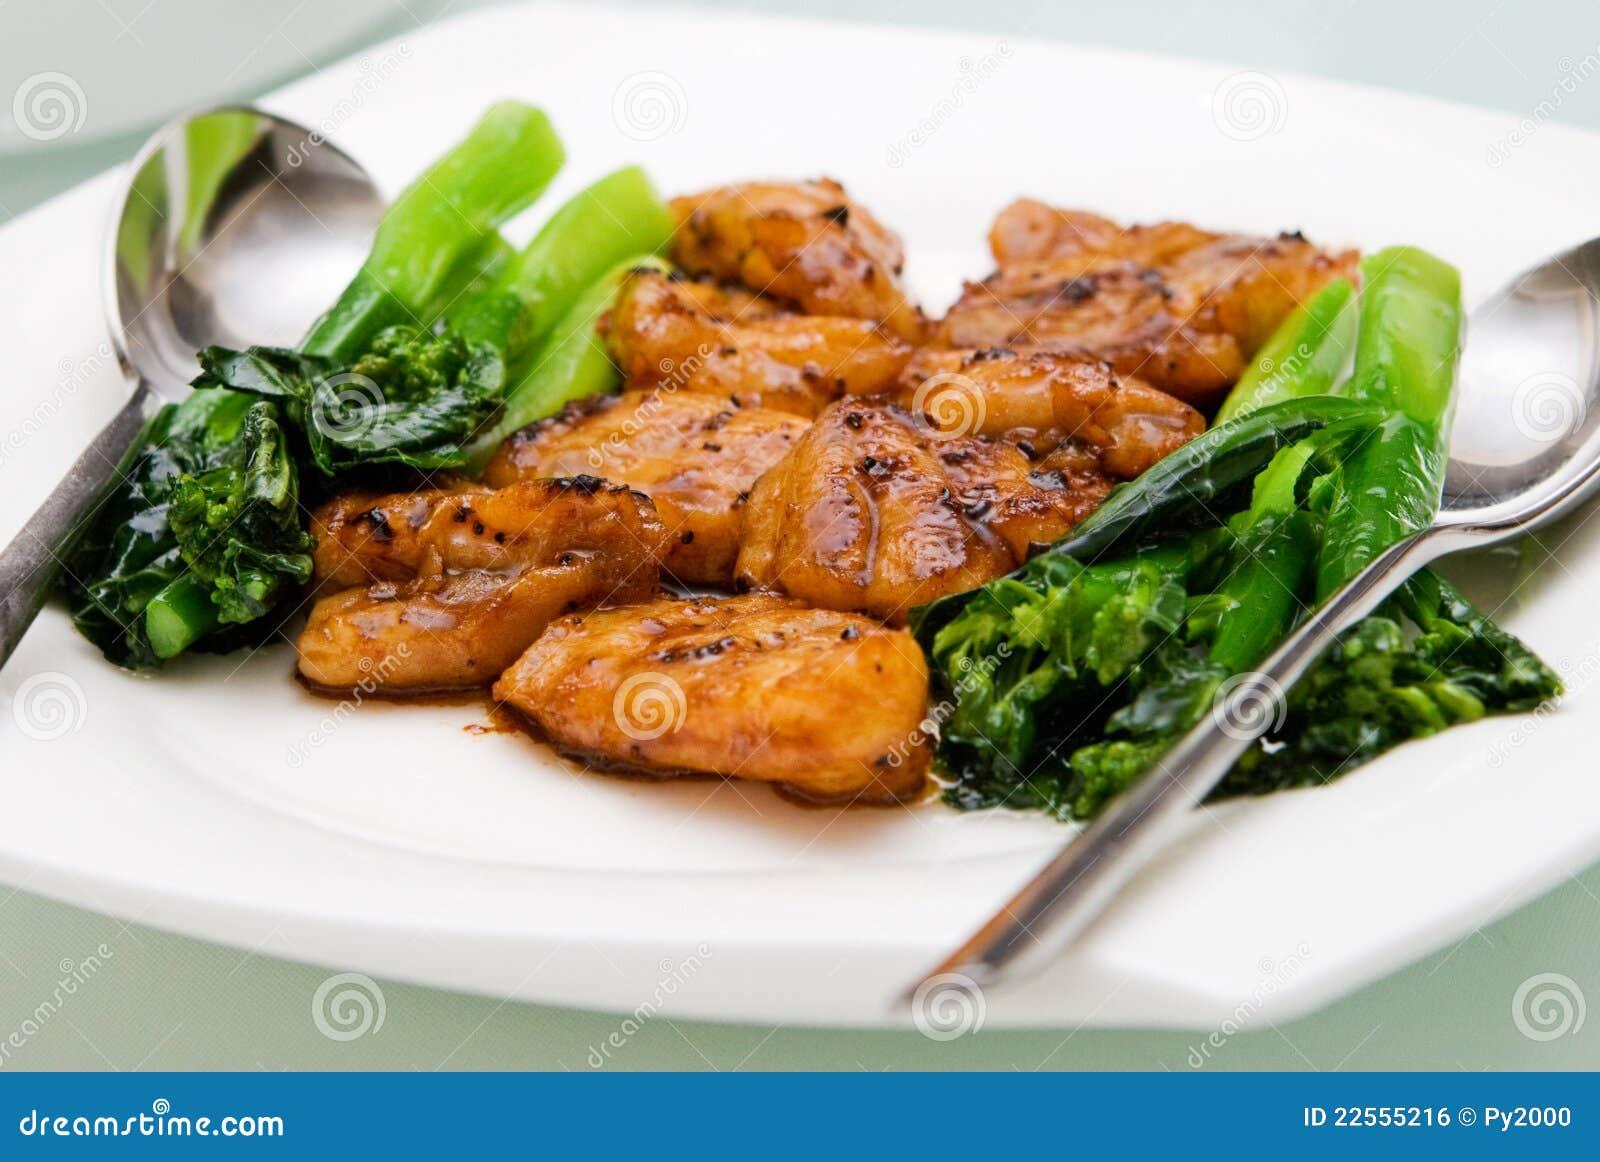 Filetes de pescados fritos chinos imagen de archivo libre for Pescado chino